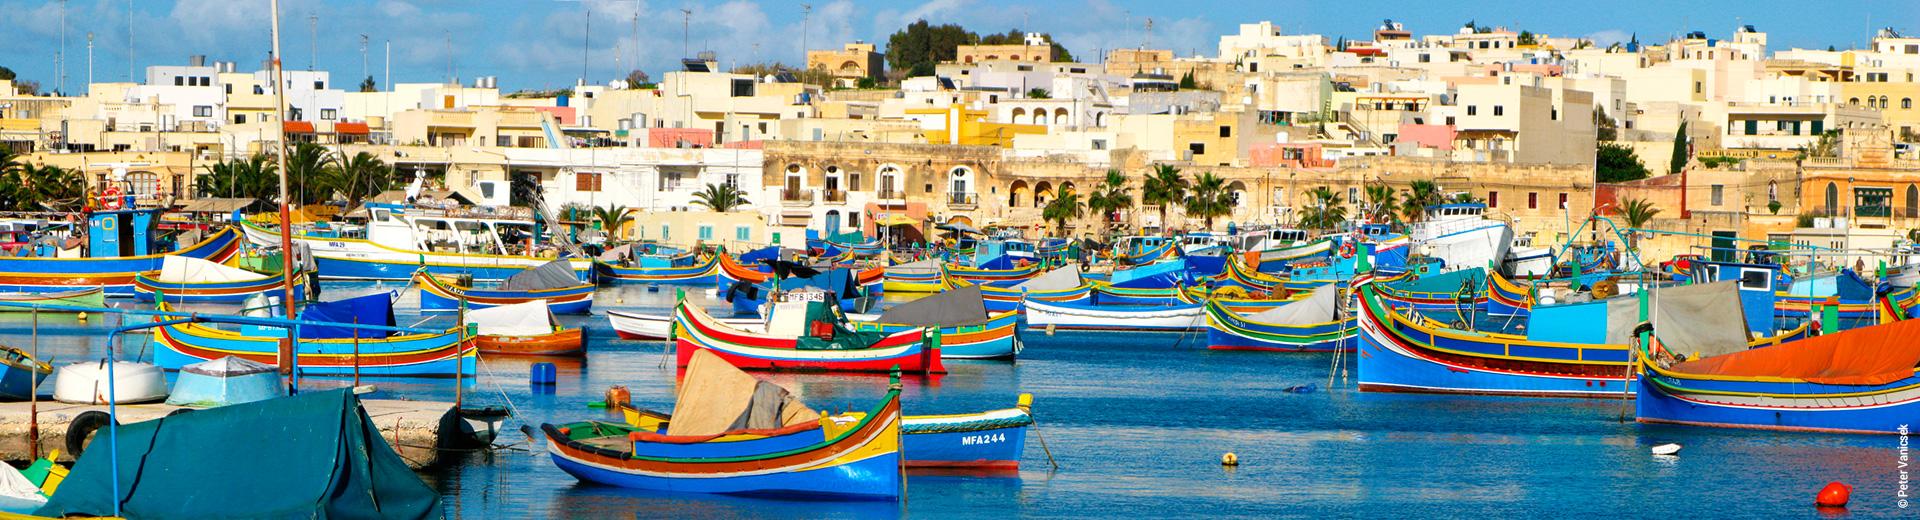 Wettbewerb Malta